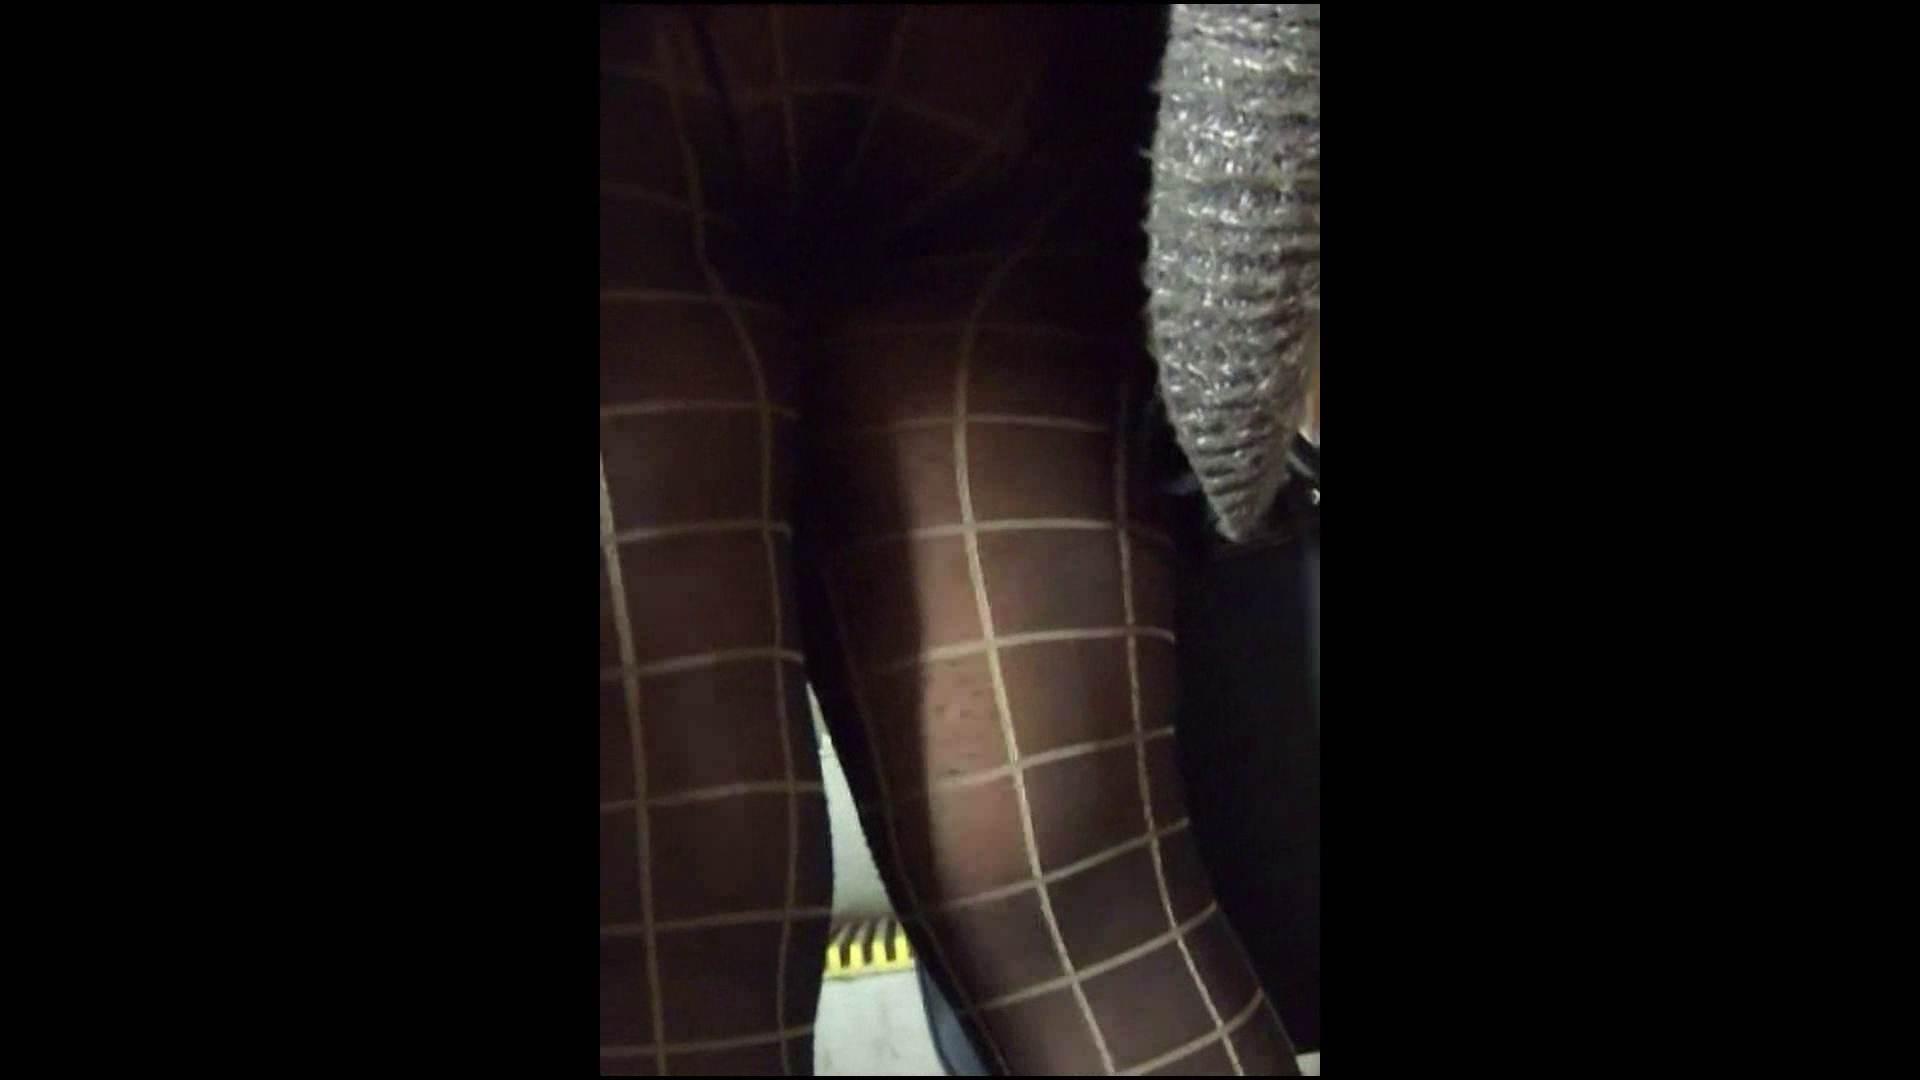 綺麗なモデルさんのスカート捲っちゃおう‼vol06 OL女体   お姉さん  94連発 81